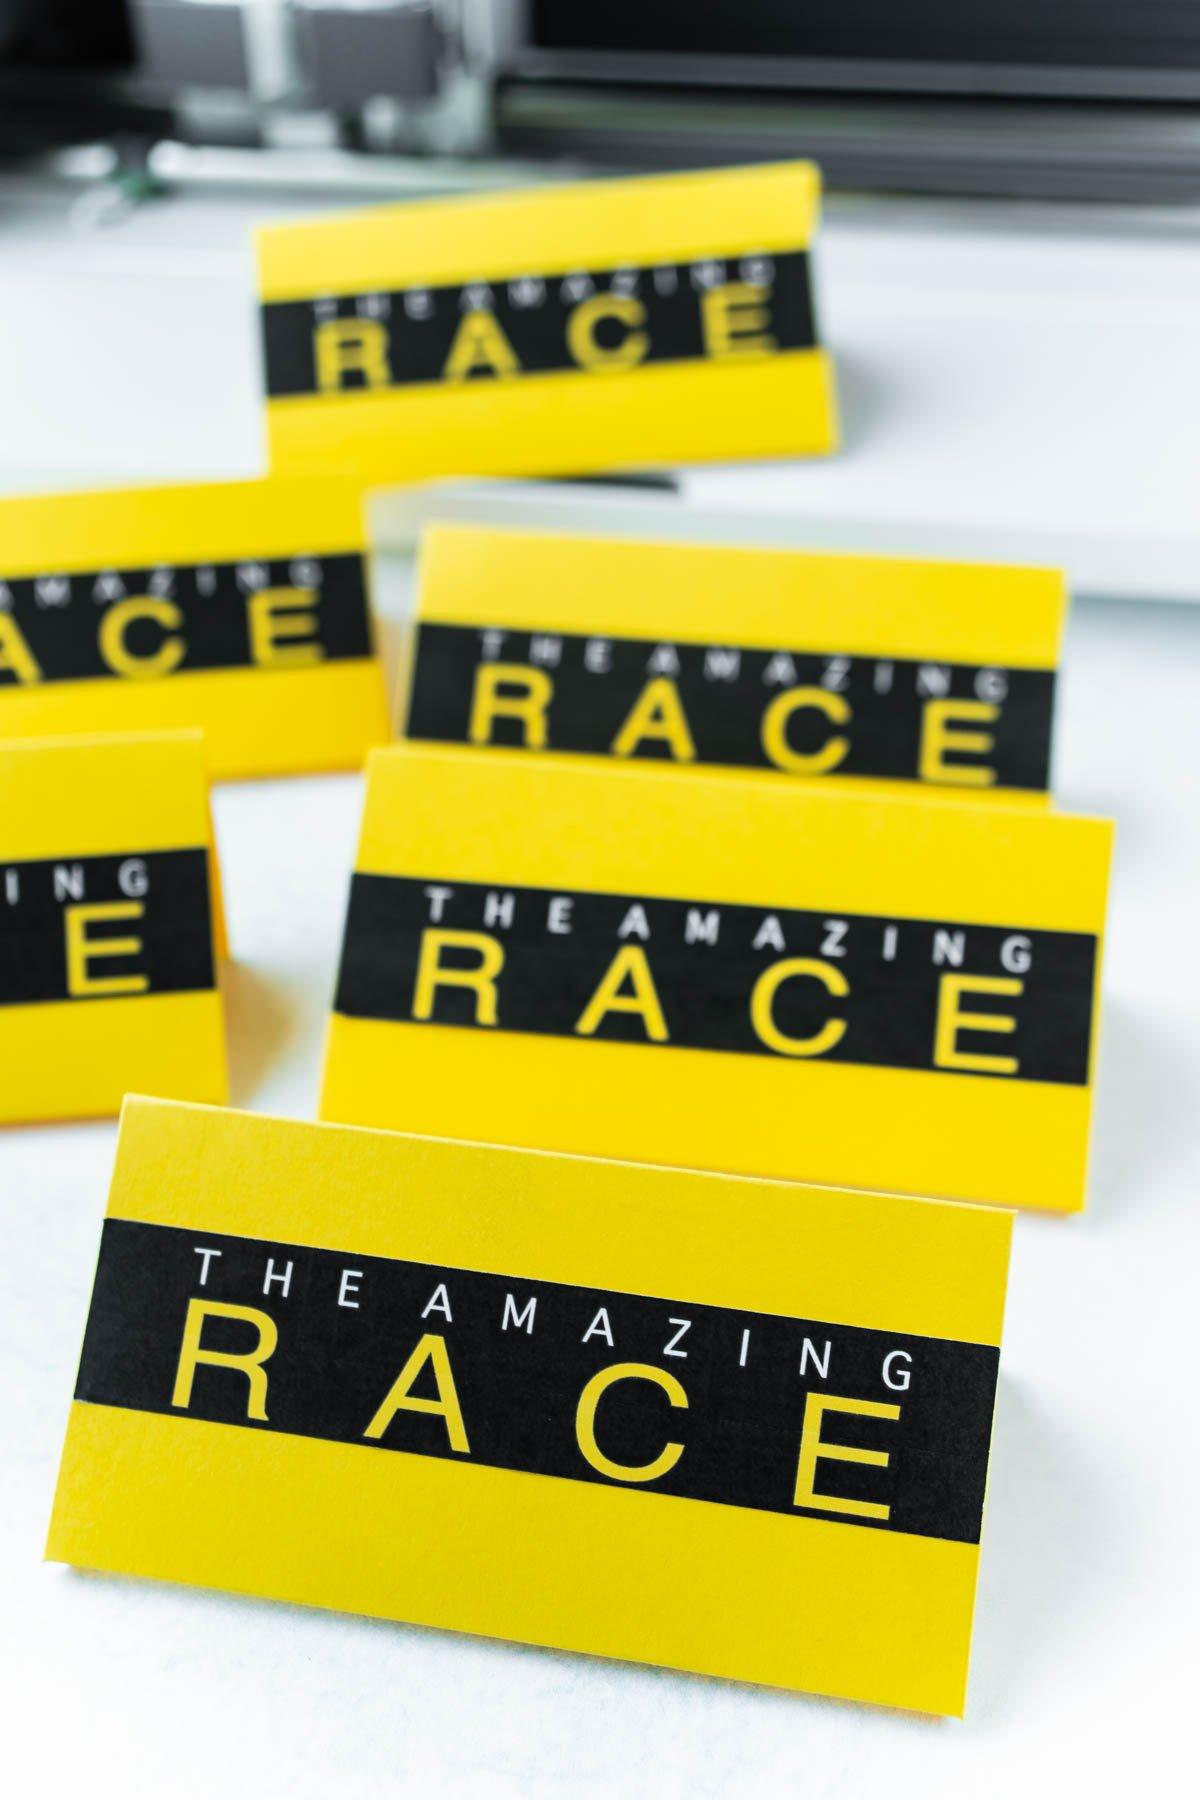 Amazing Race envelopes